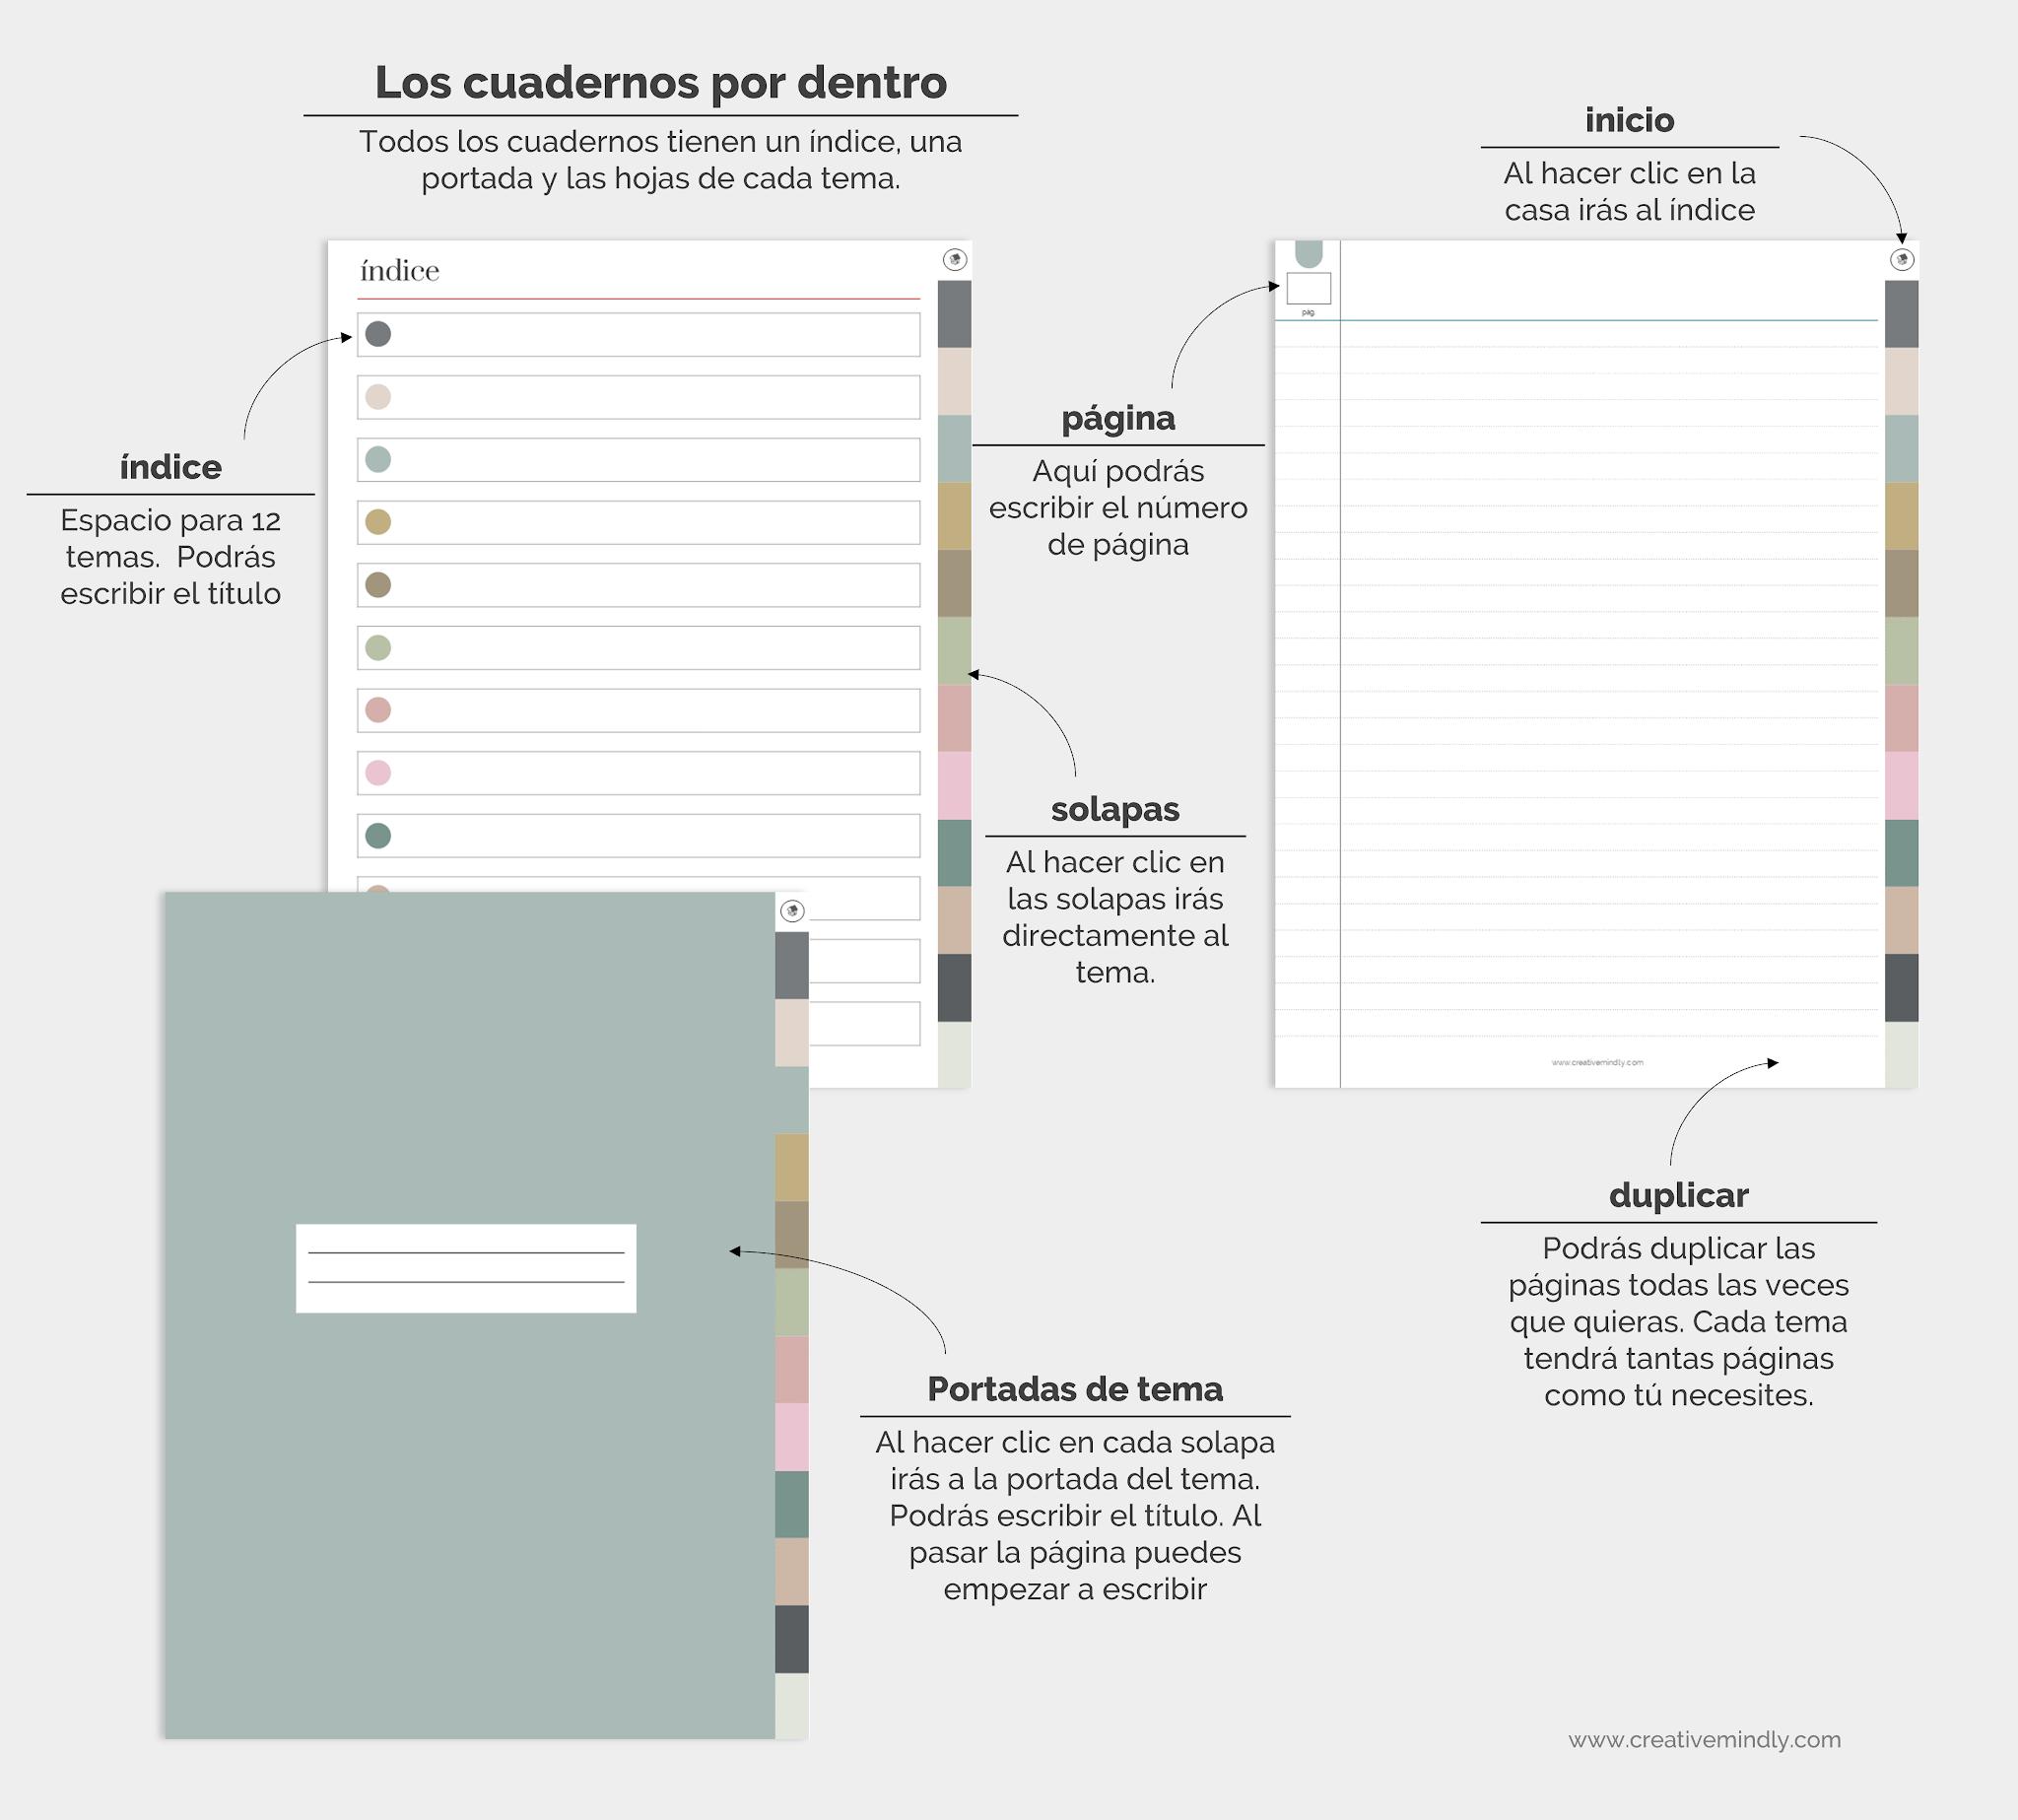 cuaderno de notas digital ipad goodnotes